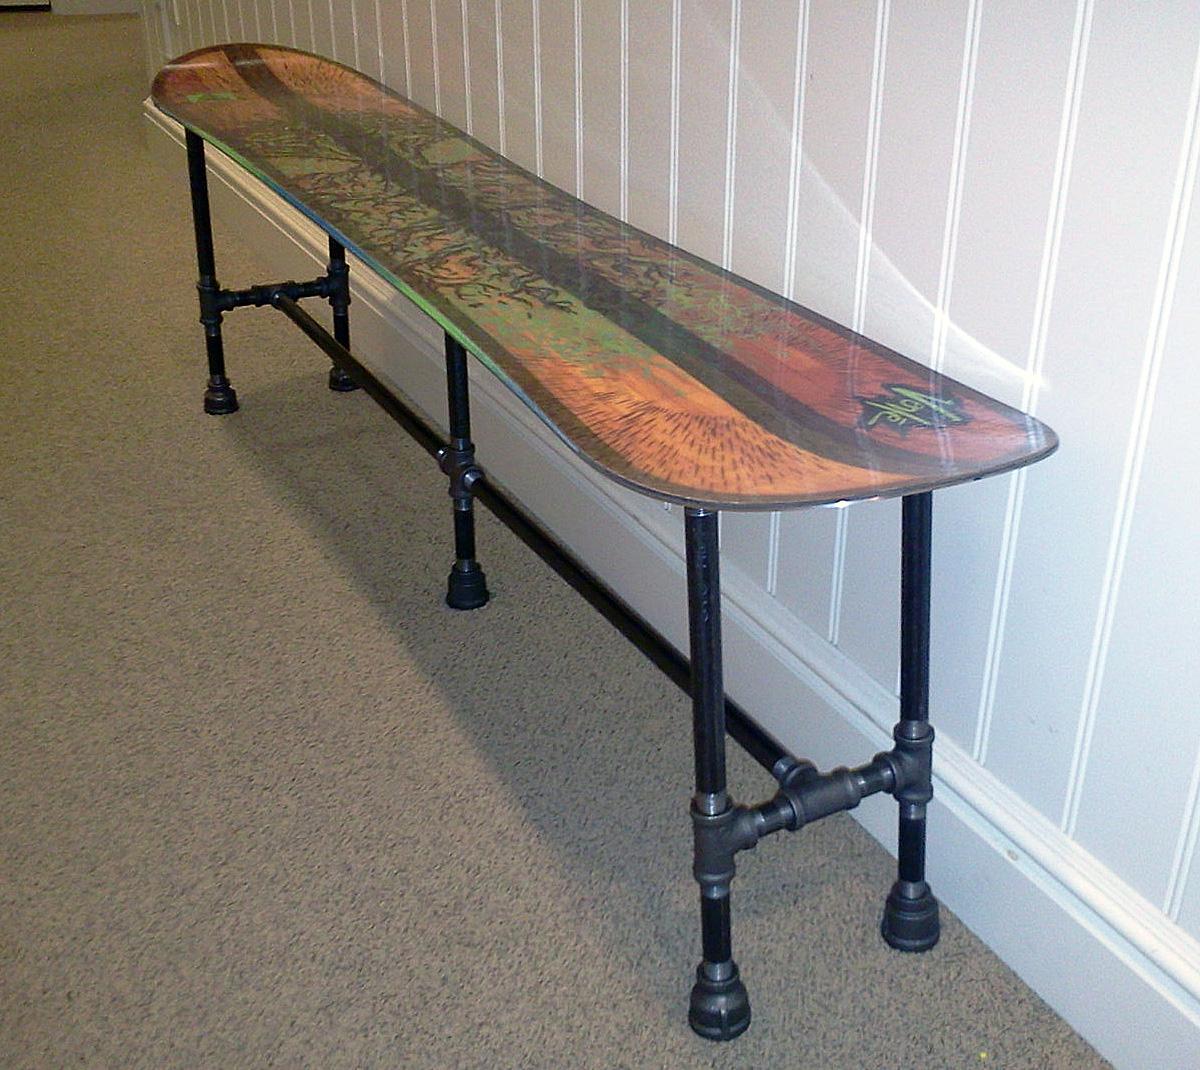 сантехнические трубы-мебель-дизайн-доска для серфинга-консоль 16.jpg